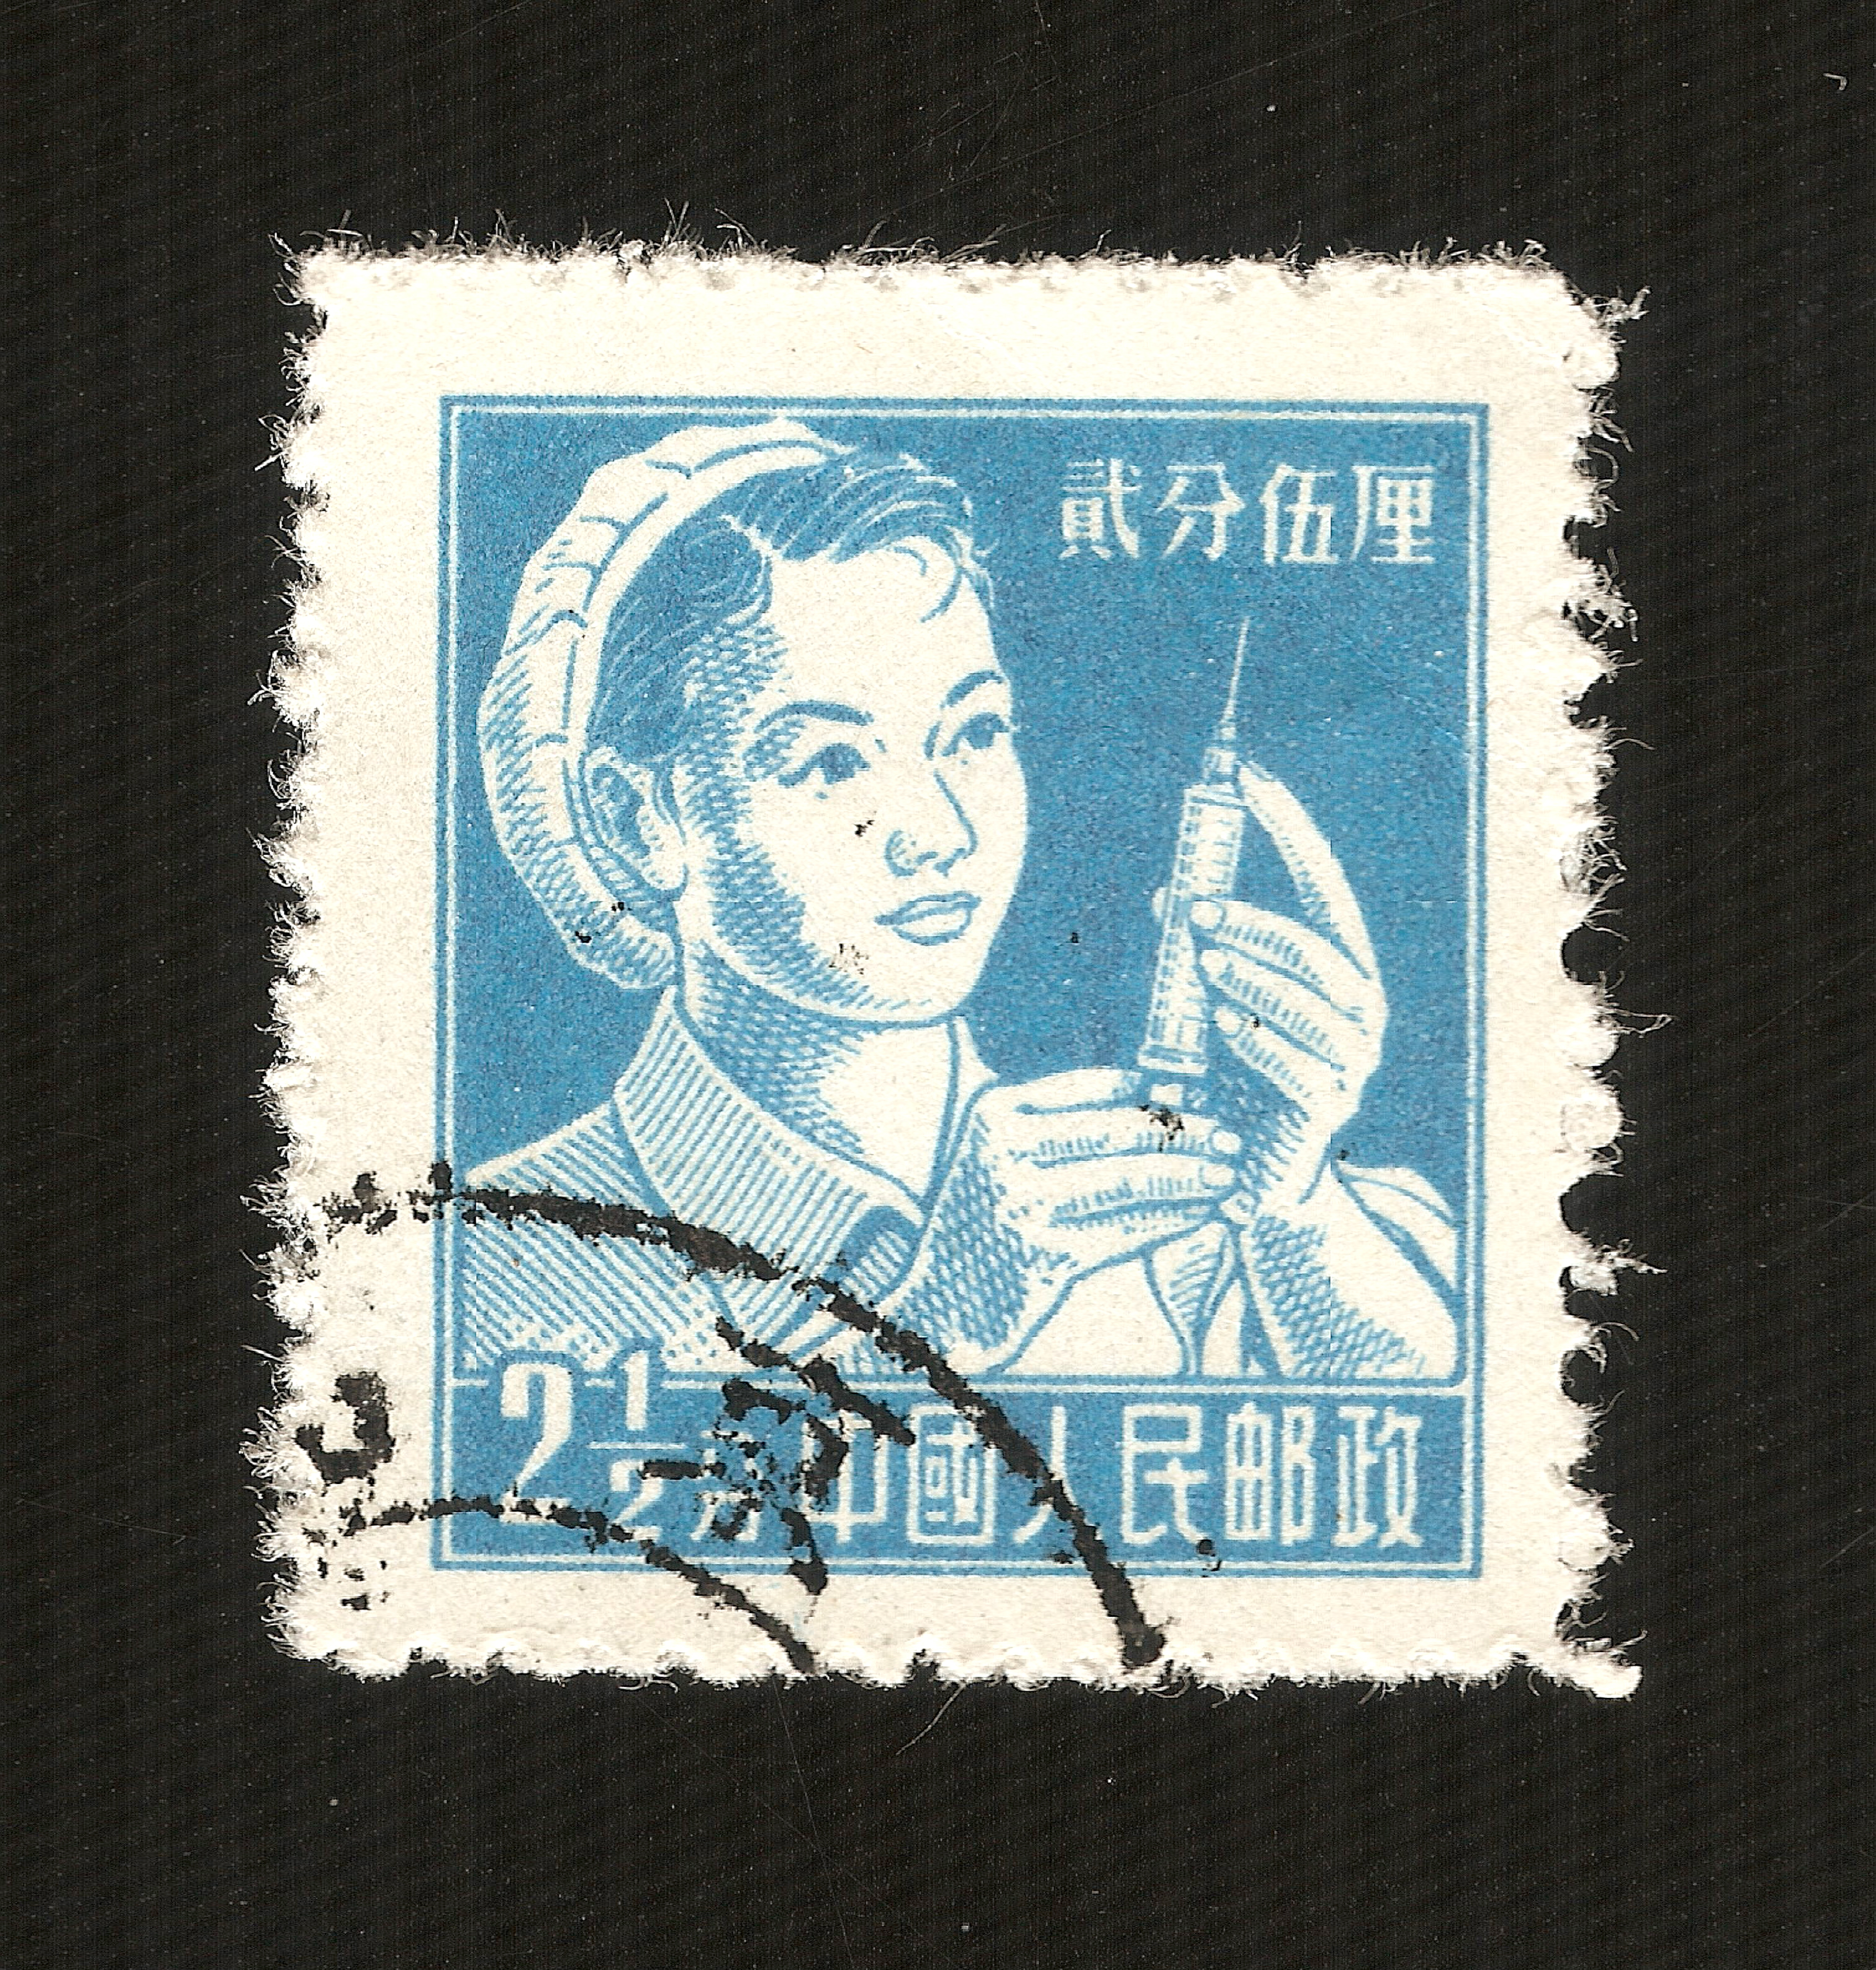 Chiny (1956) - Pielęgniarka (seria pracownicy) - 2 ½ Fen chiński (renminbi) (6048x6352)